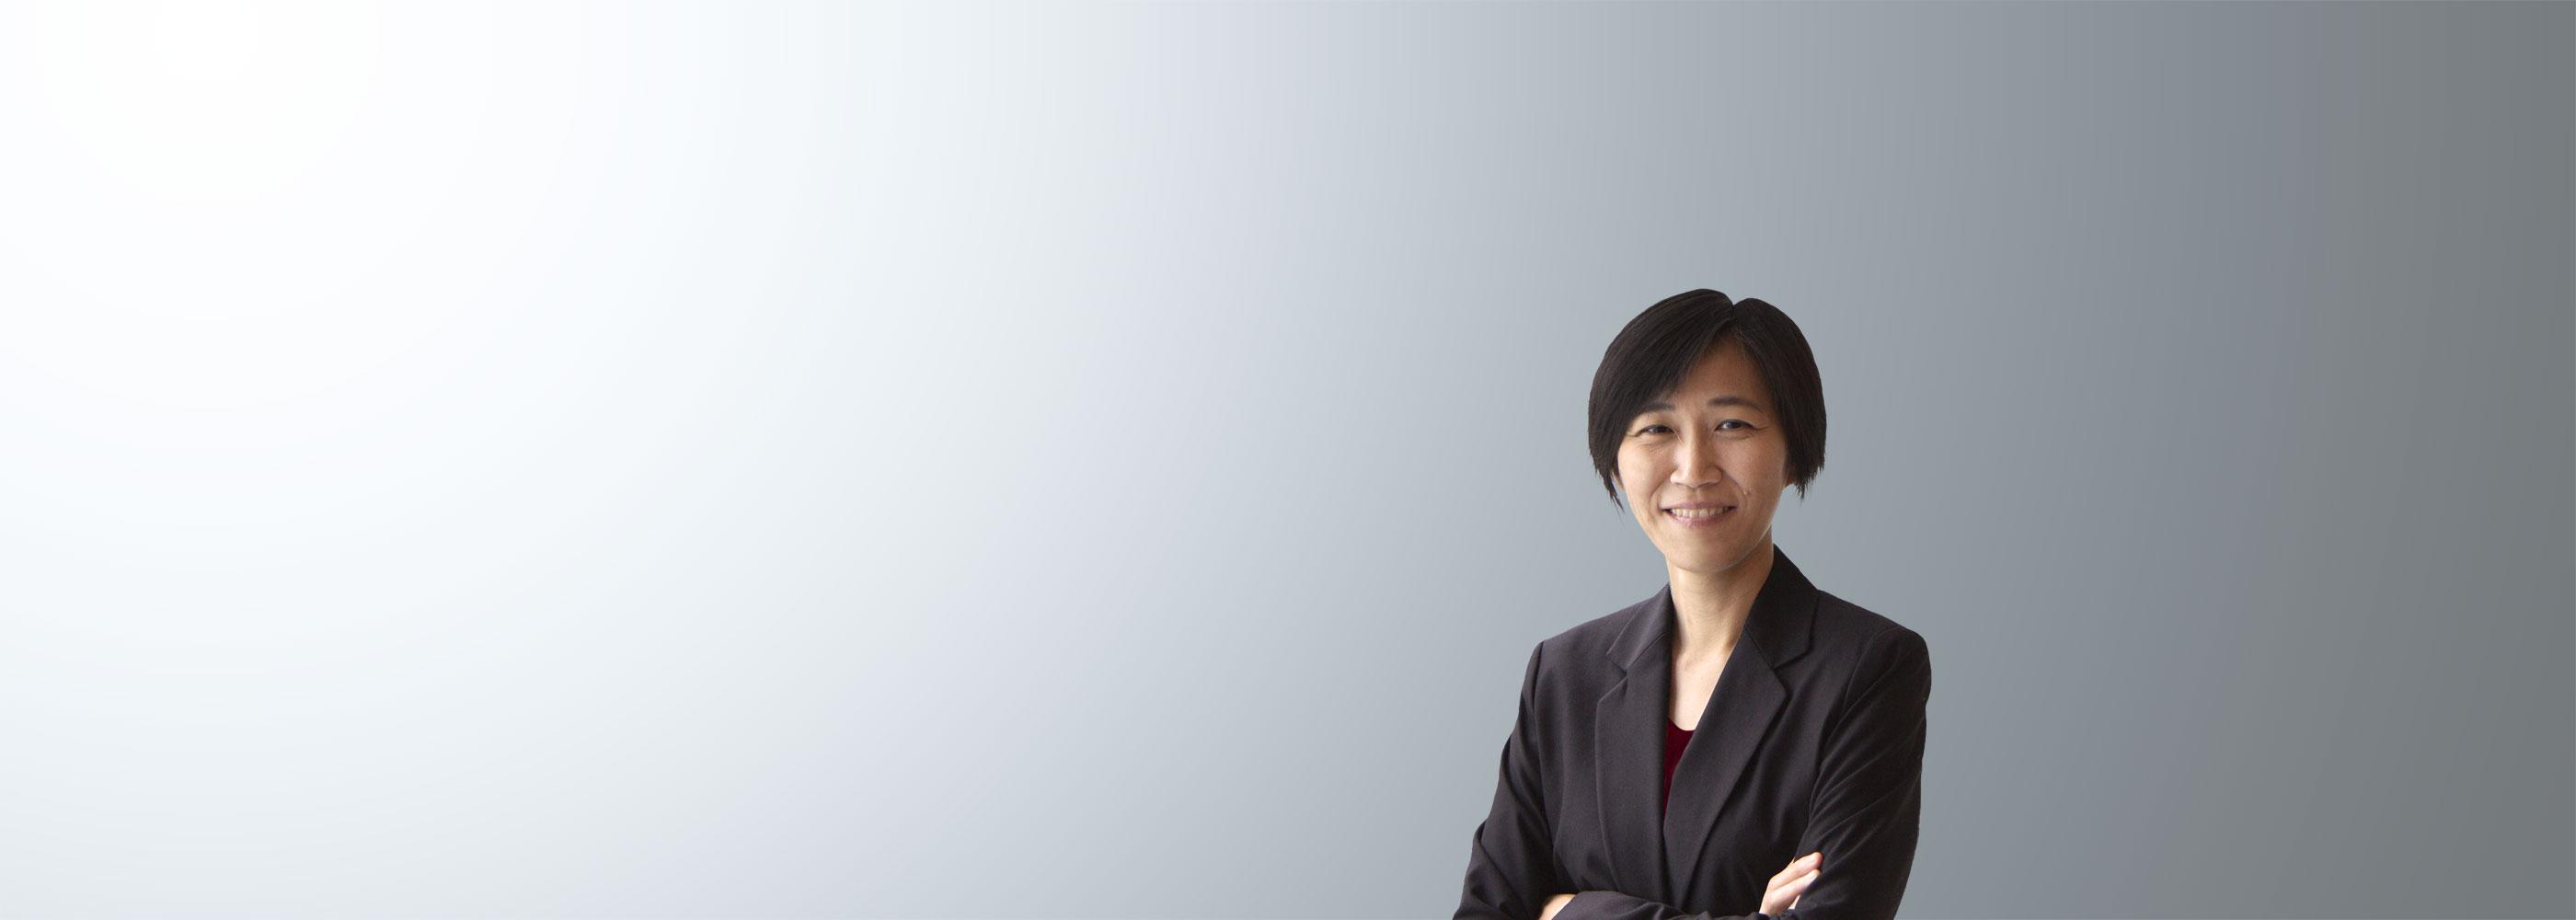 CHONG Hong Chiang